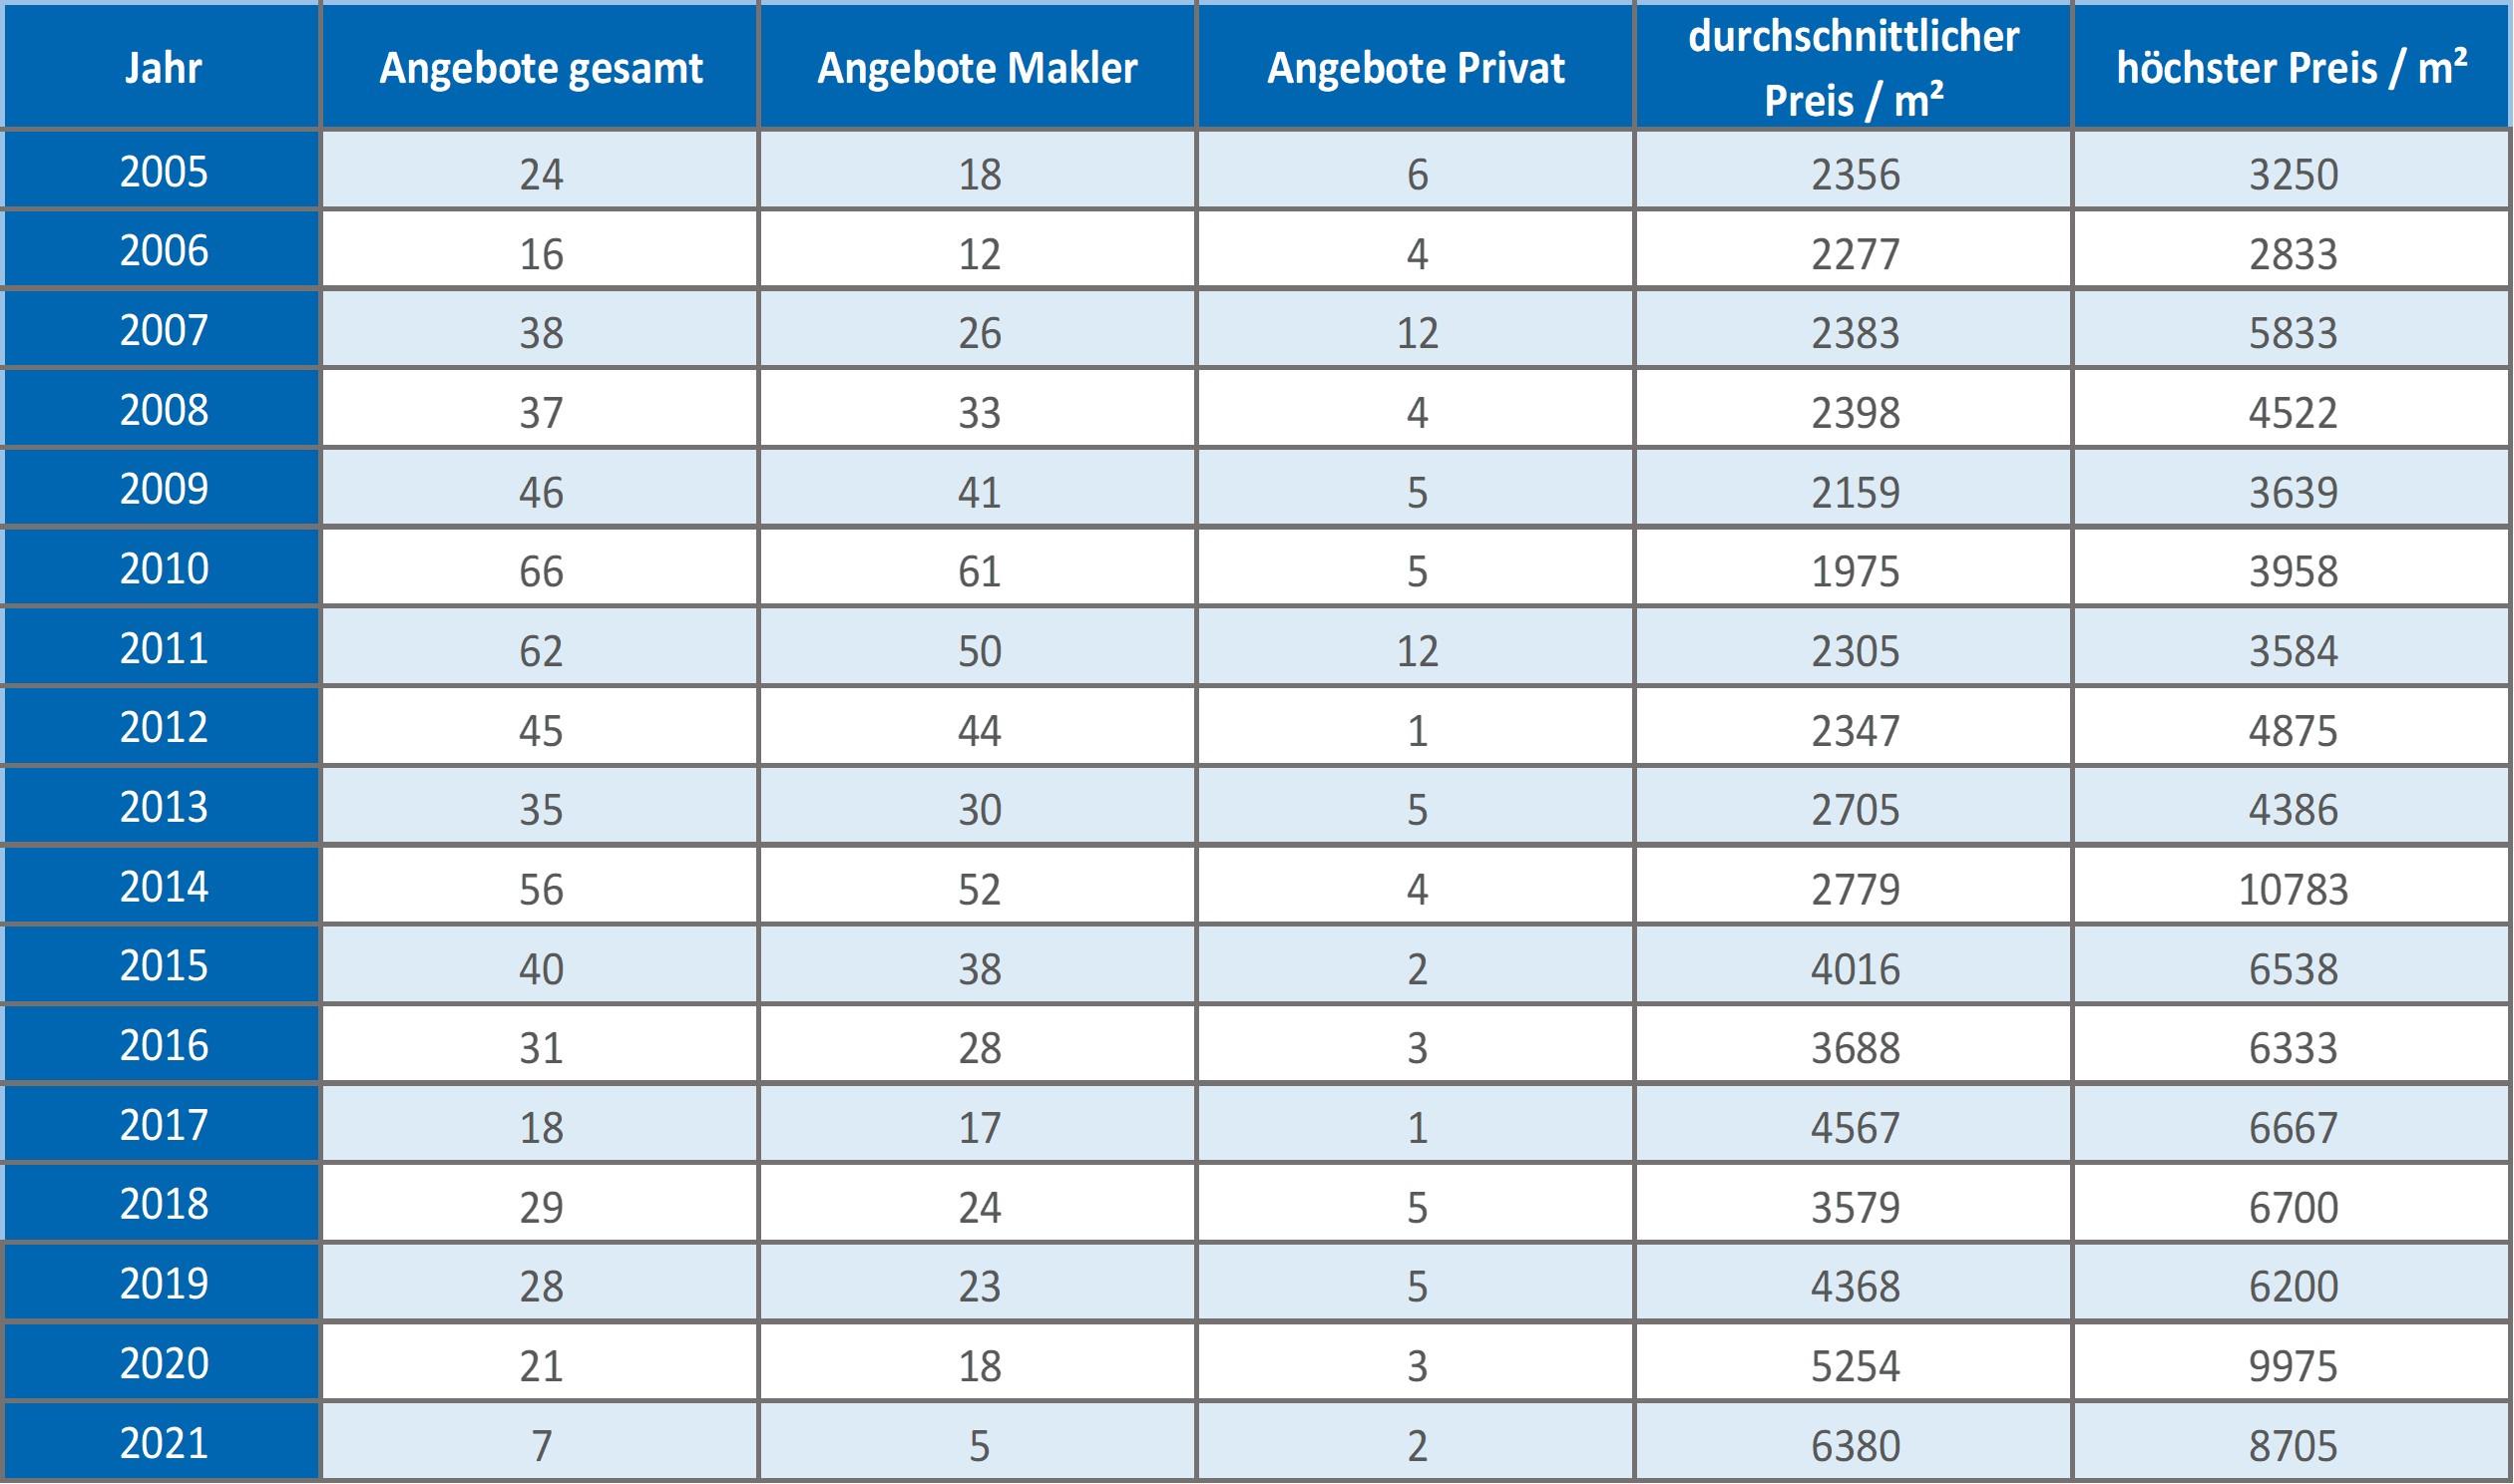 Hausham - Schliersee Wohnung kaufen verkaufen Preis Bewertung Makler 2019 2020 2021  www.happy-immo.de